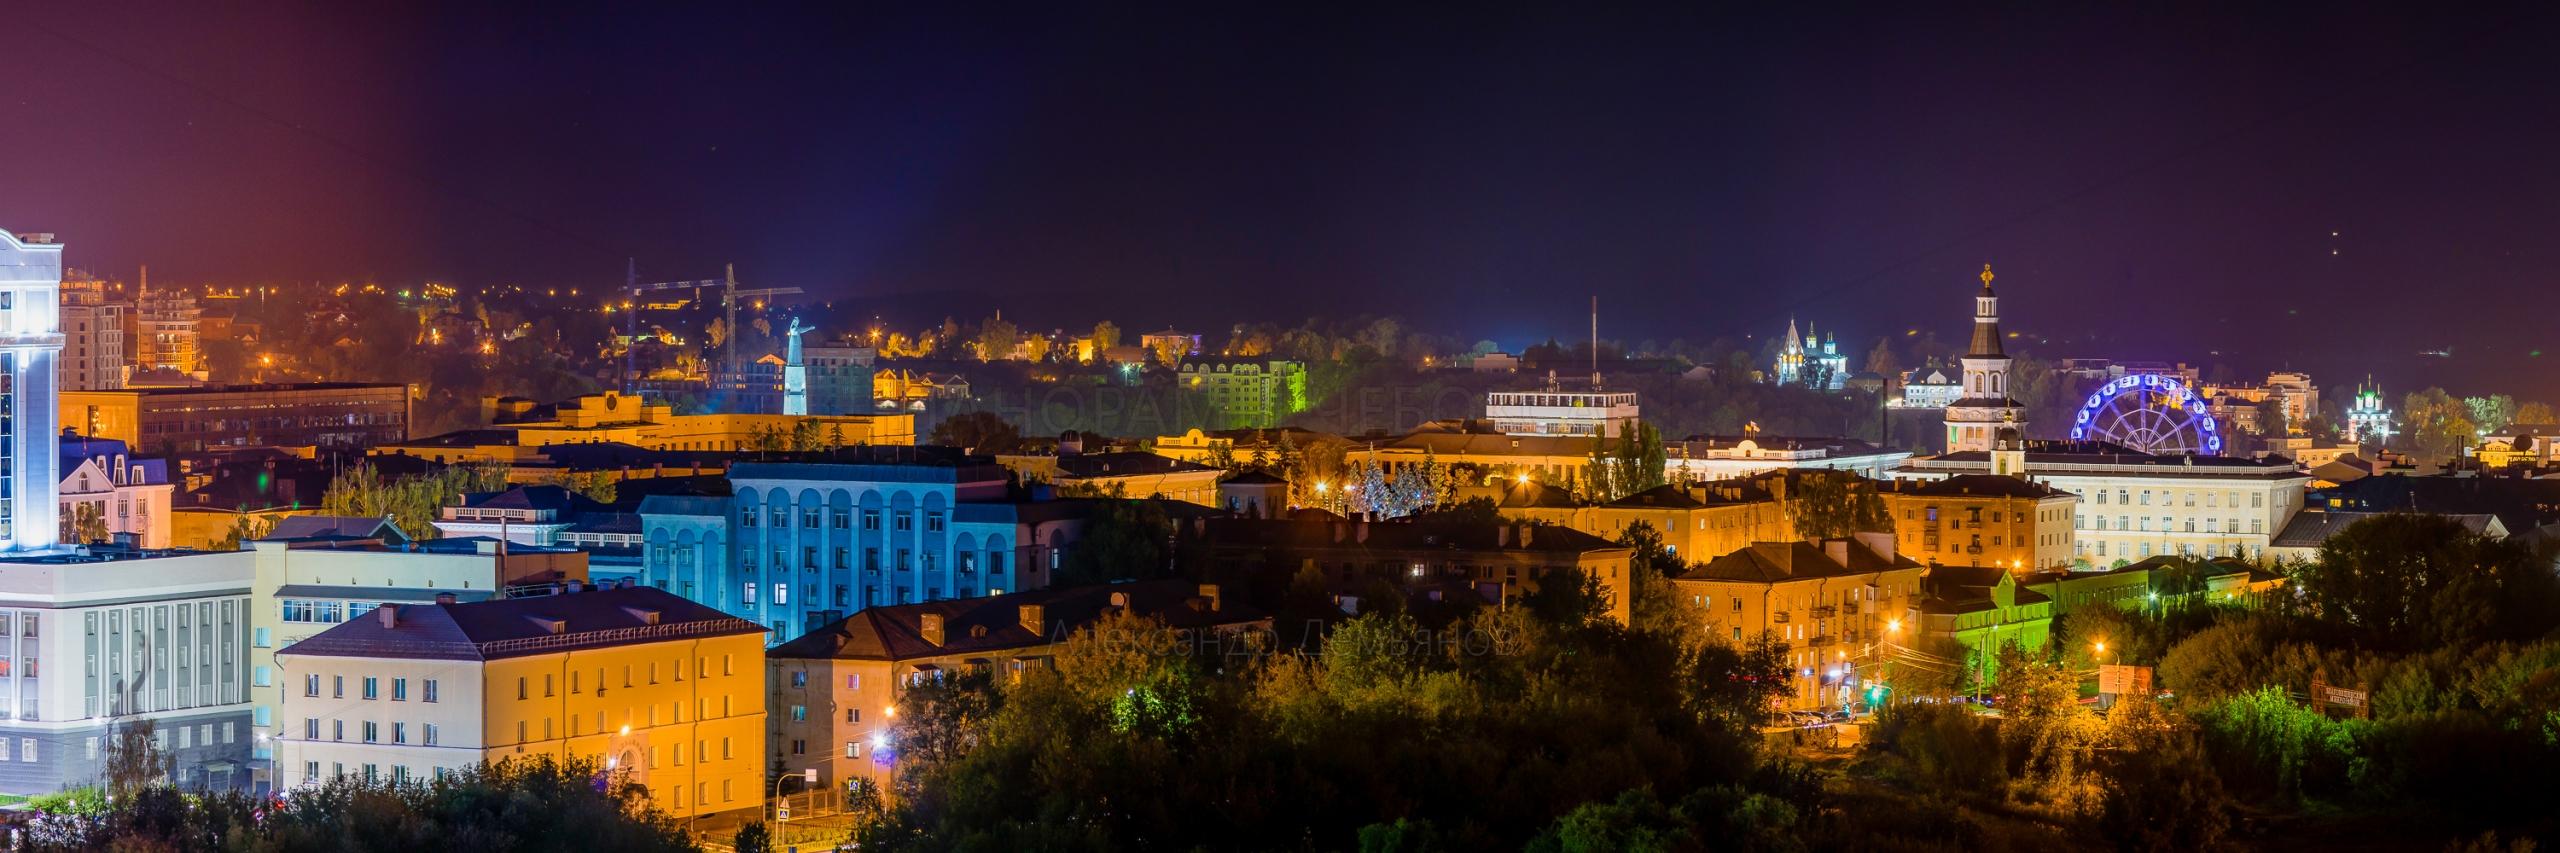 Ночное фото Чебоксар летом 2019